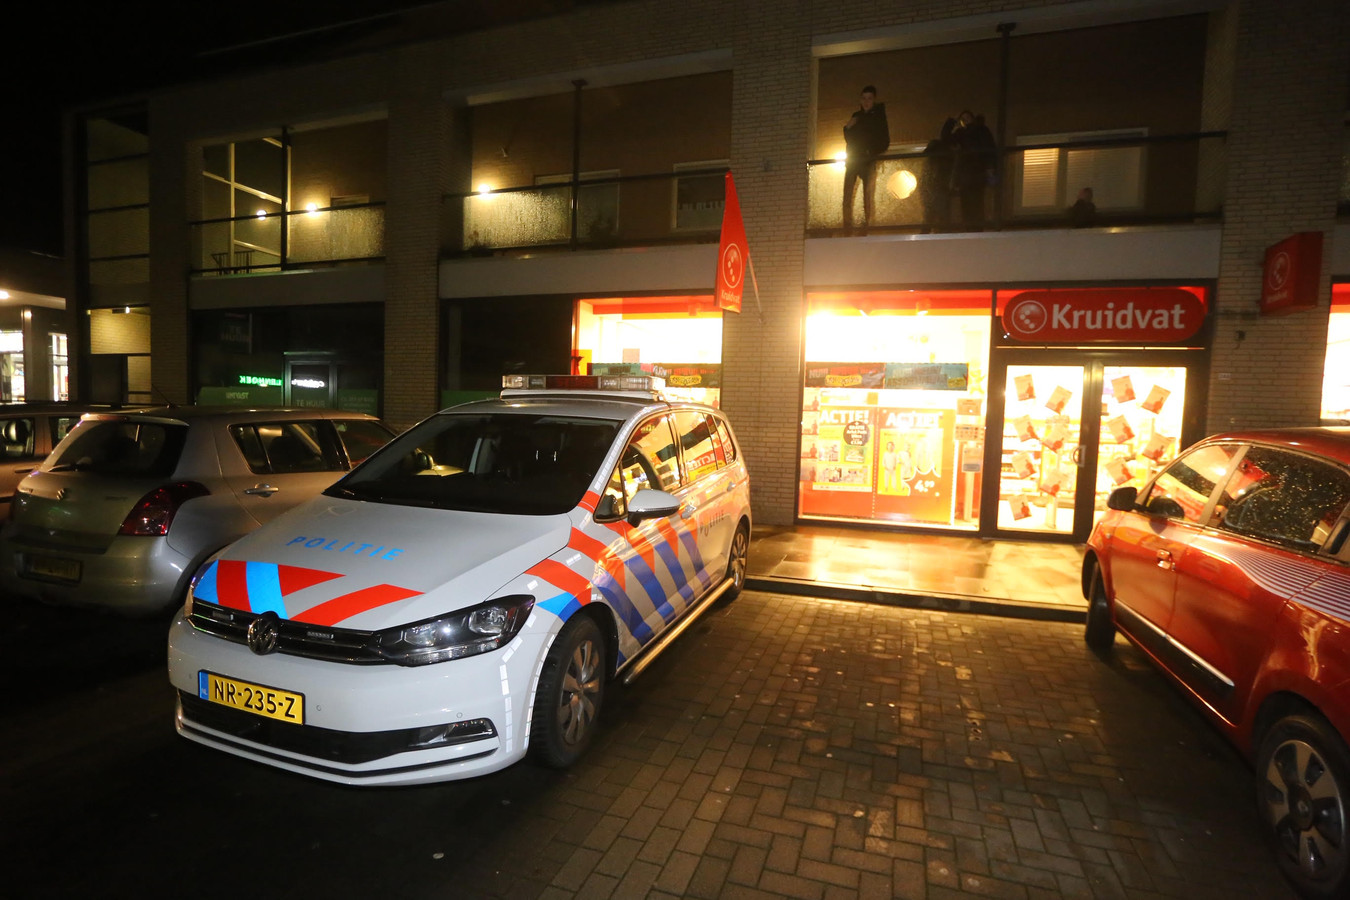 De Kruidvat in Rosmalen werd zaterdagmiddag overvallen